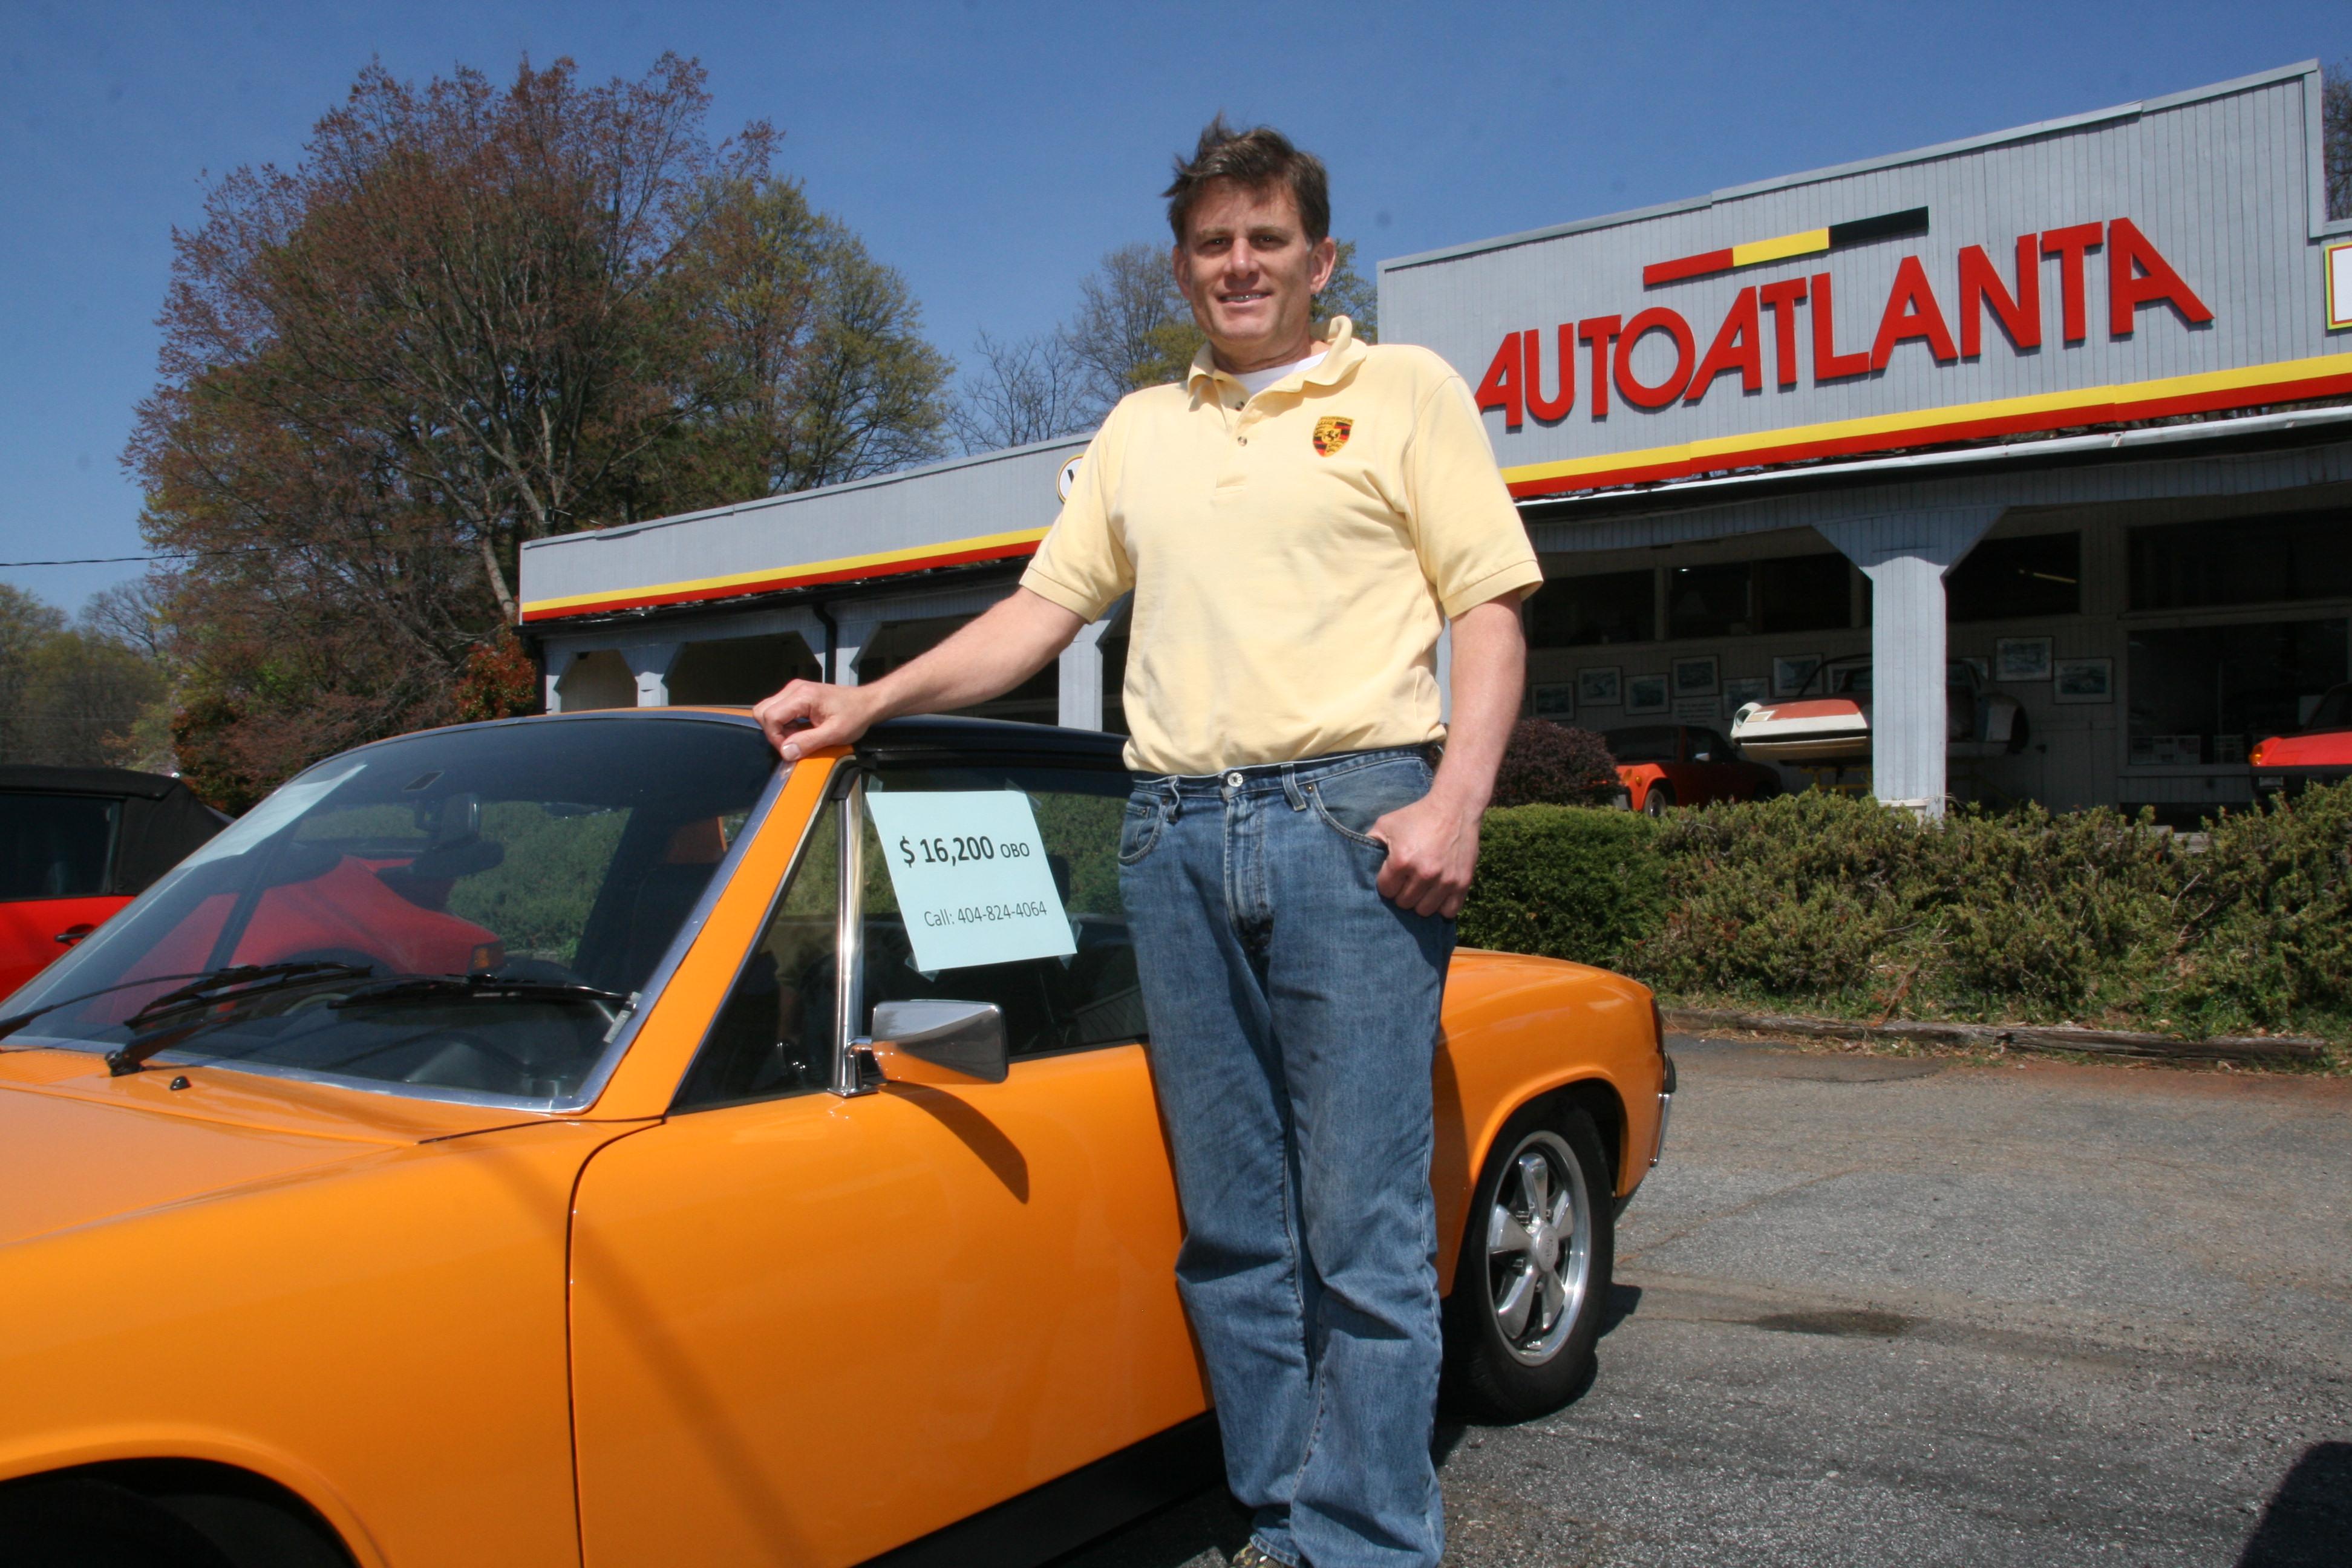 Ein Mann wie ein Porsche - Doc 914 vor seinem Betrieb in Marietta